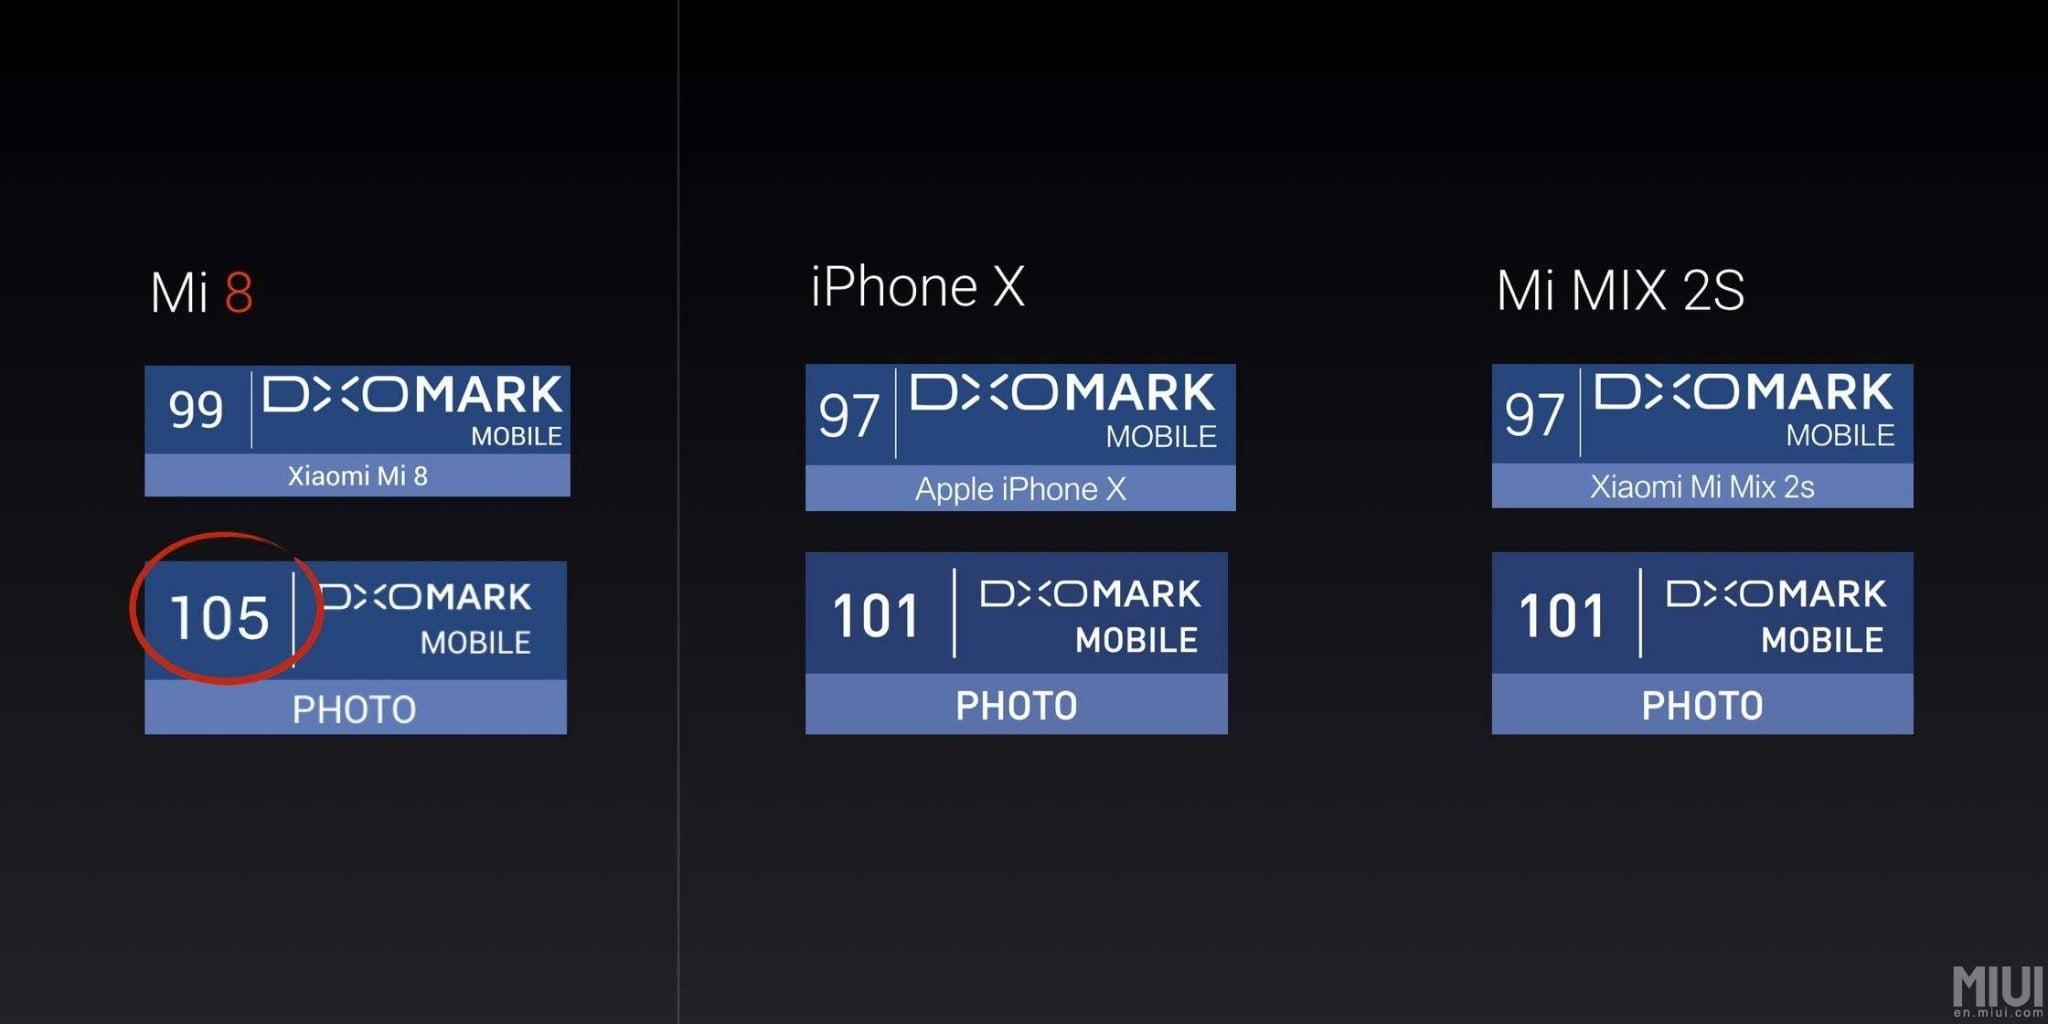 Xiaomi Mi 8 DxOMark score